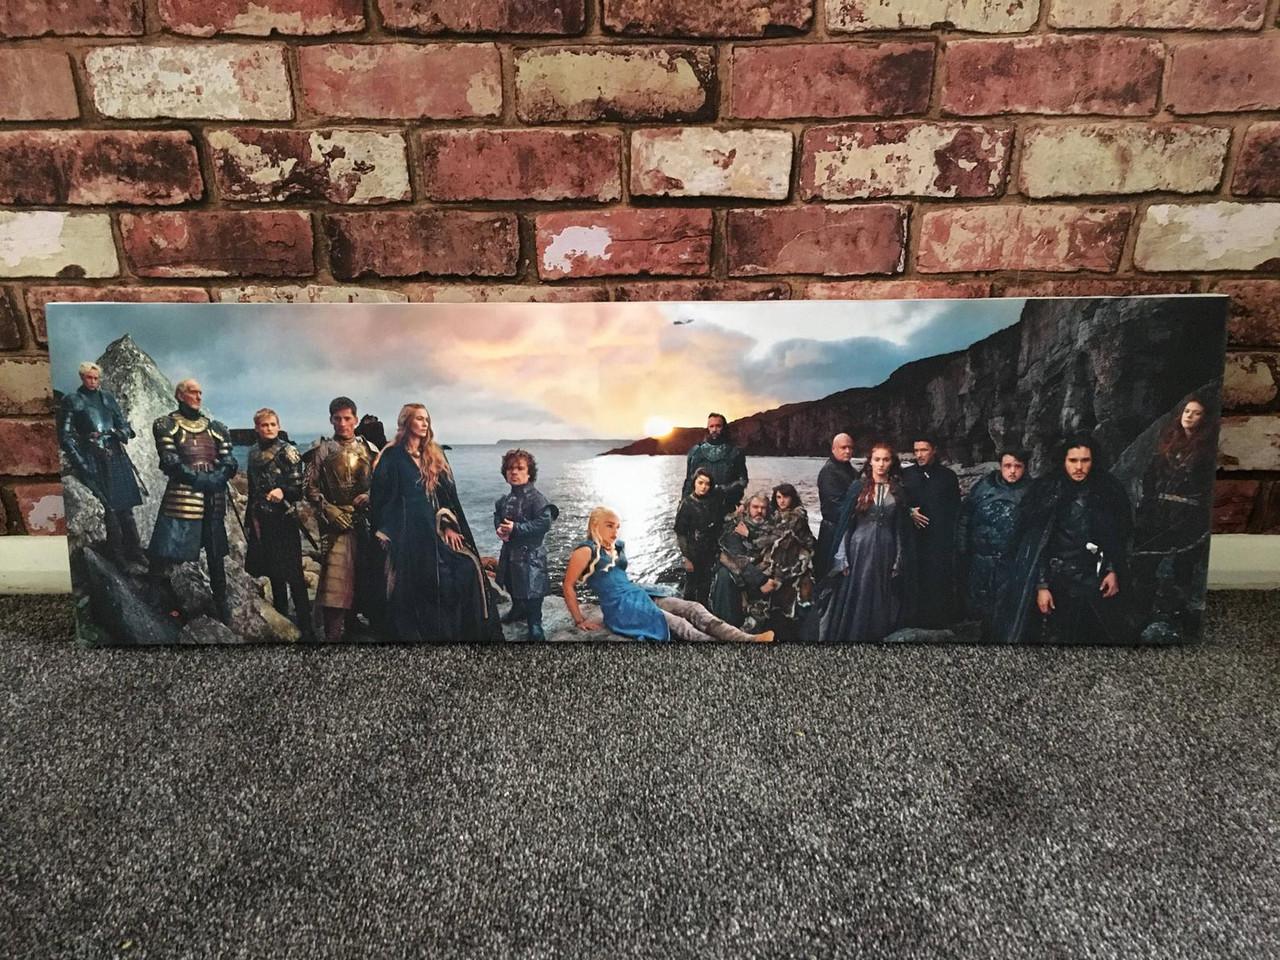 Game Of Thrones Panoramic Kiss Art Print Canvas Banner Lannister Targaryen Stark Tyrell White Walkers Jon